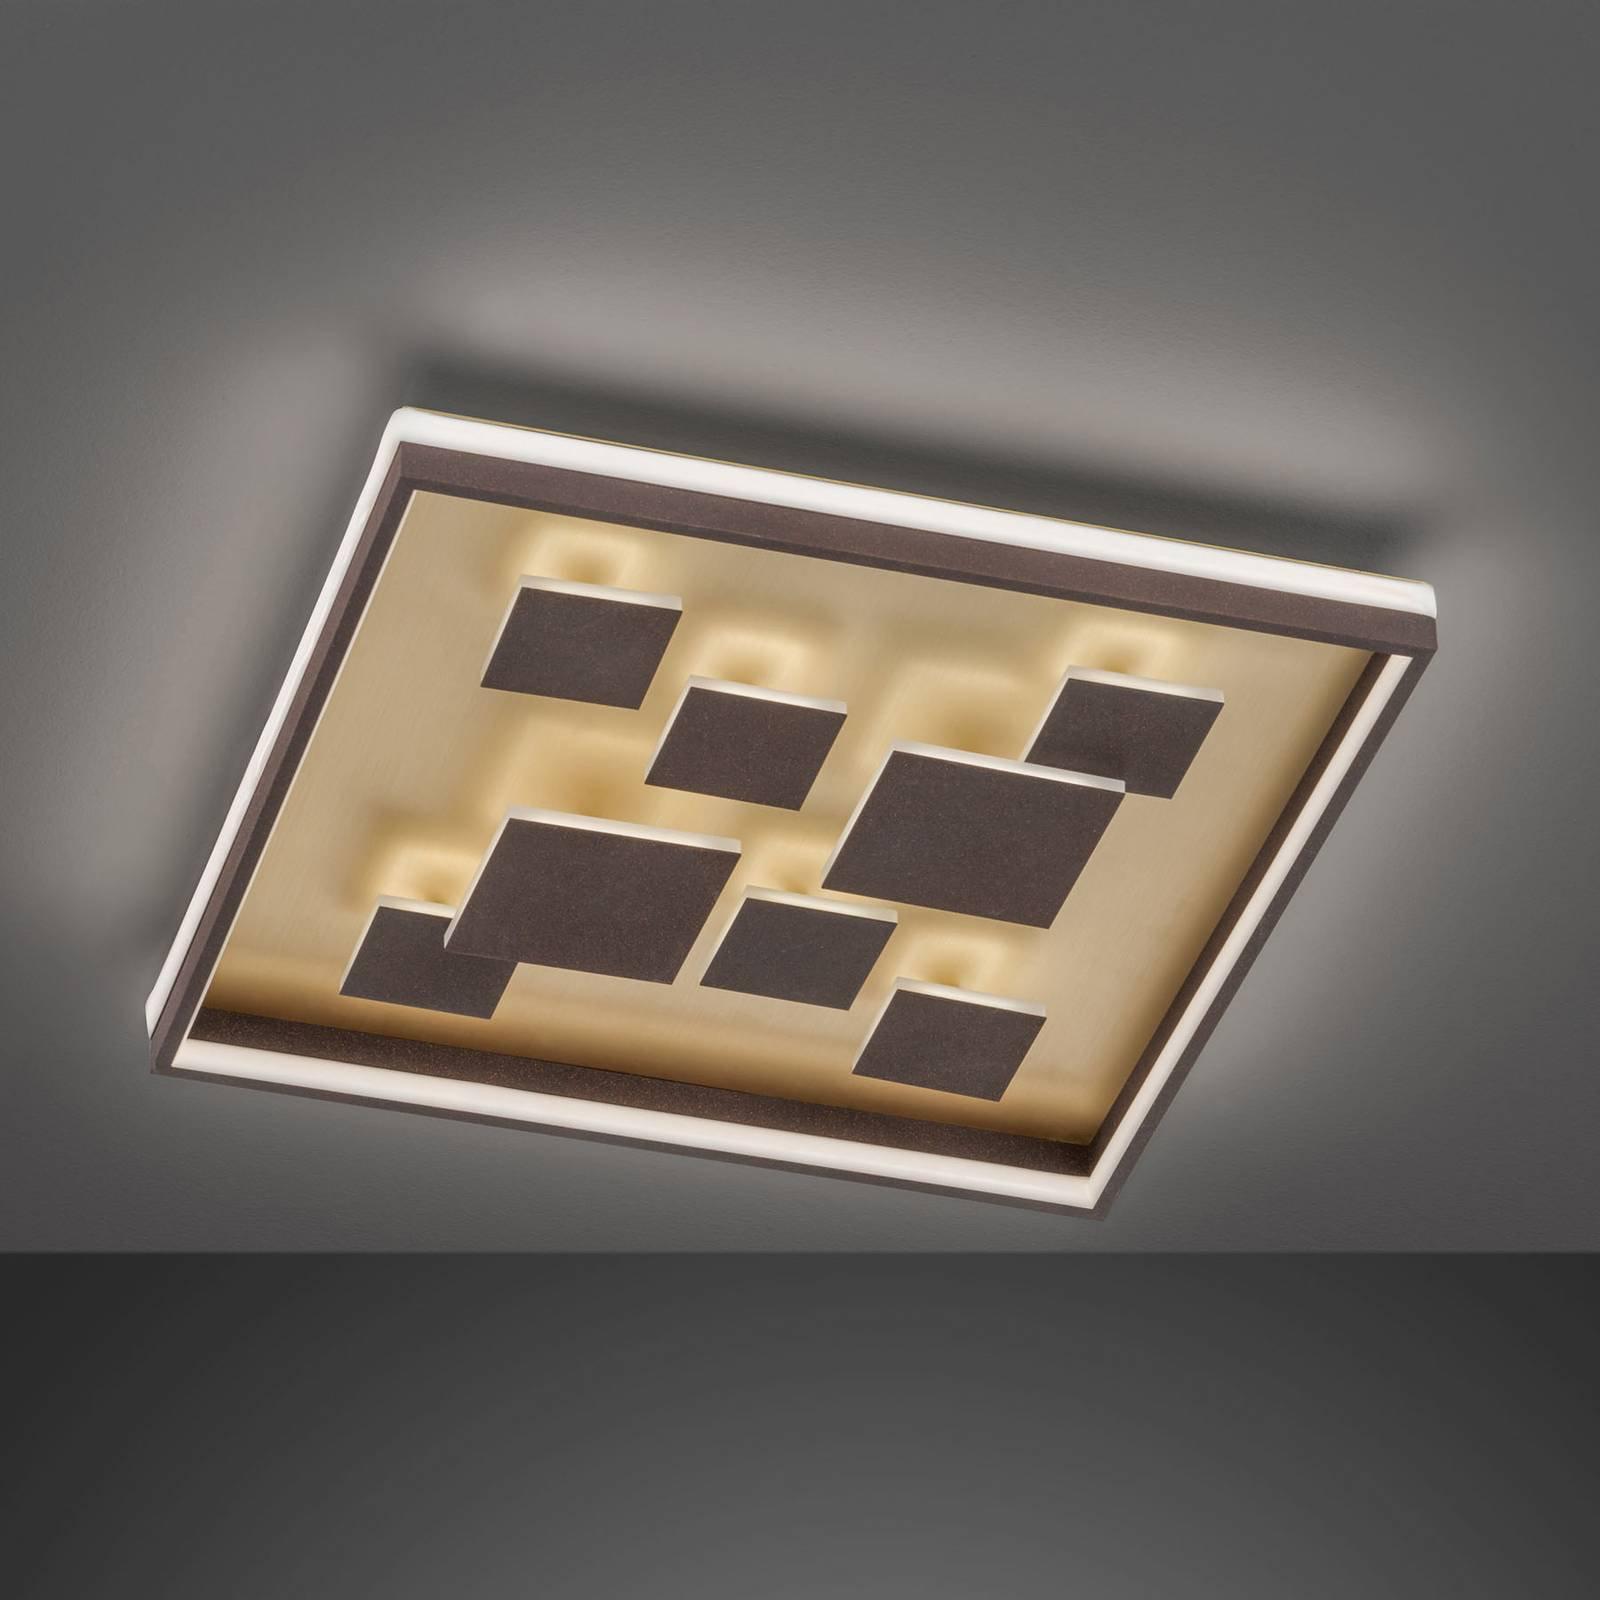 LED-taklampe Rico, dimbar, kantet, brun